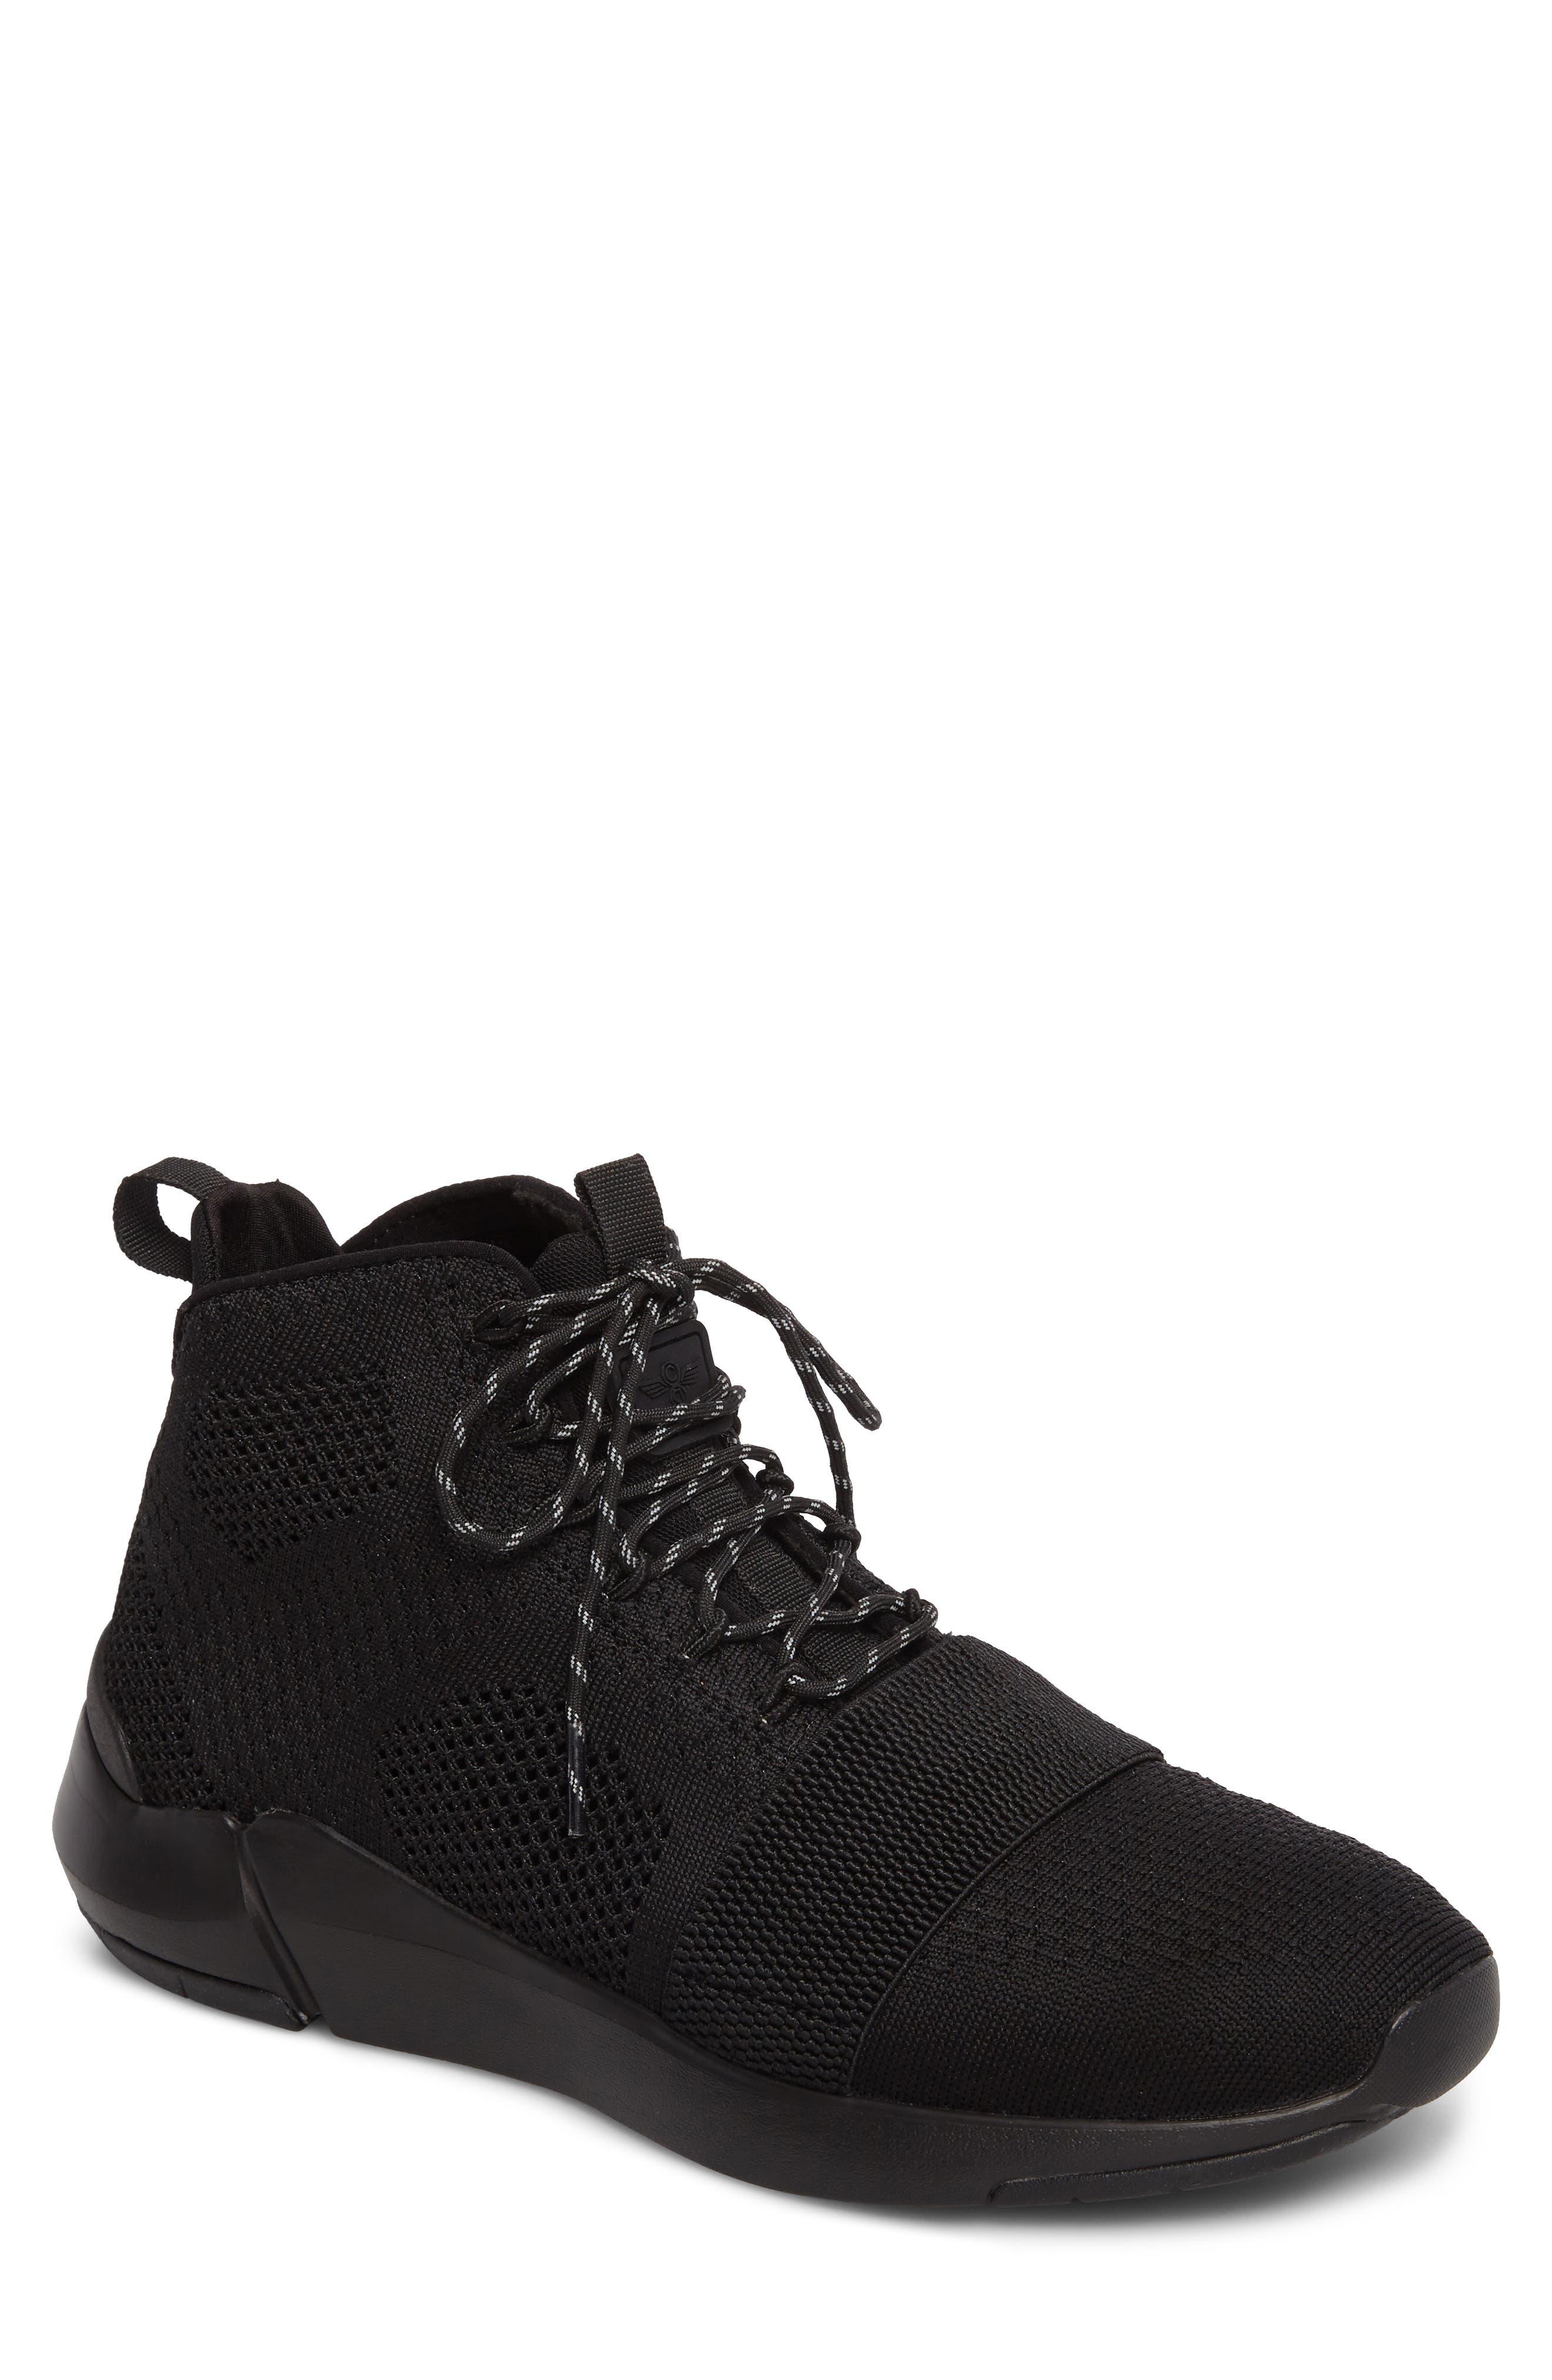 Modica Sneaker,                         Main,                         color, 012